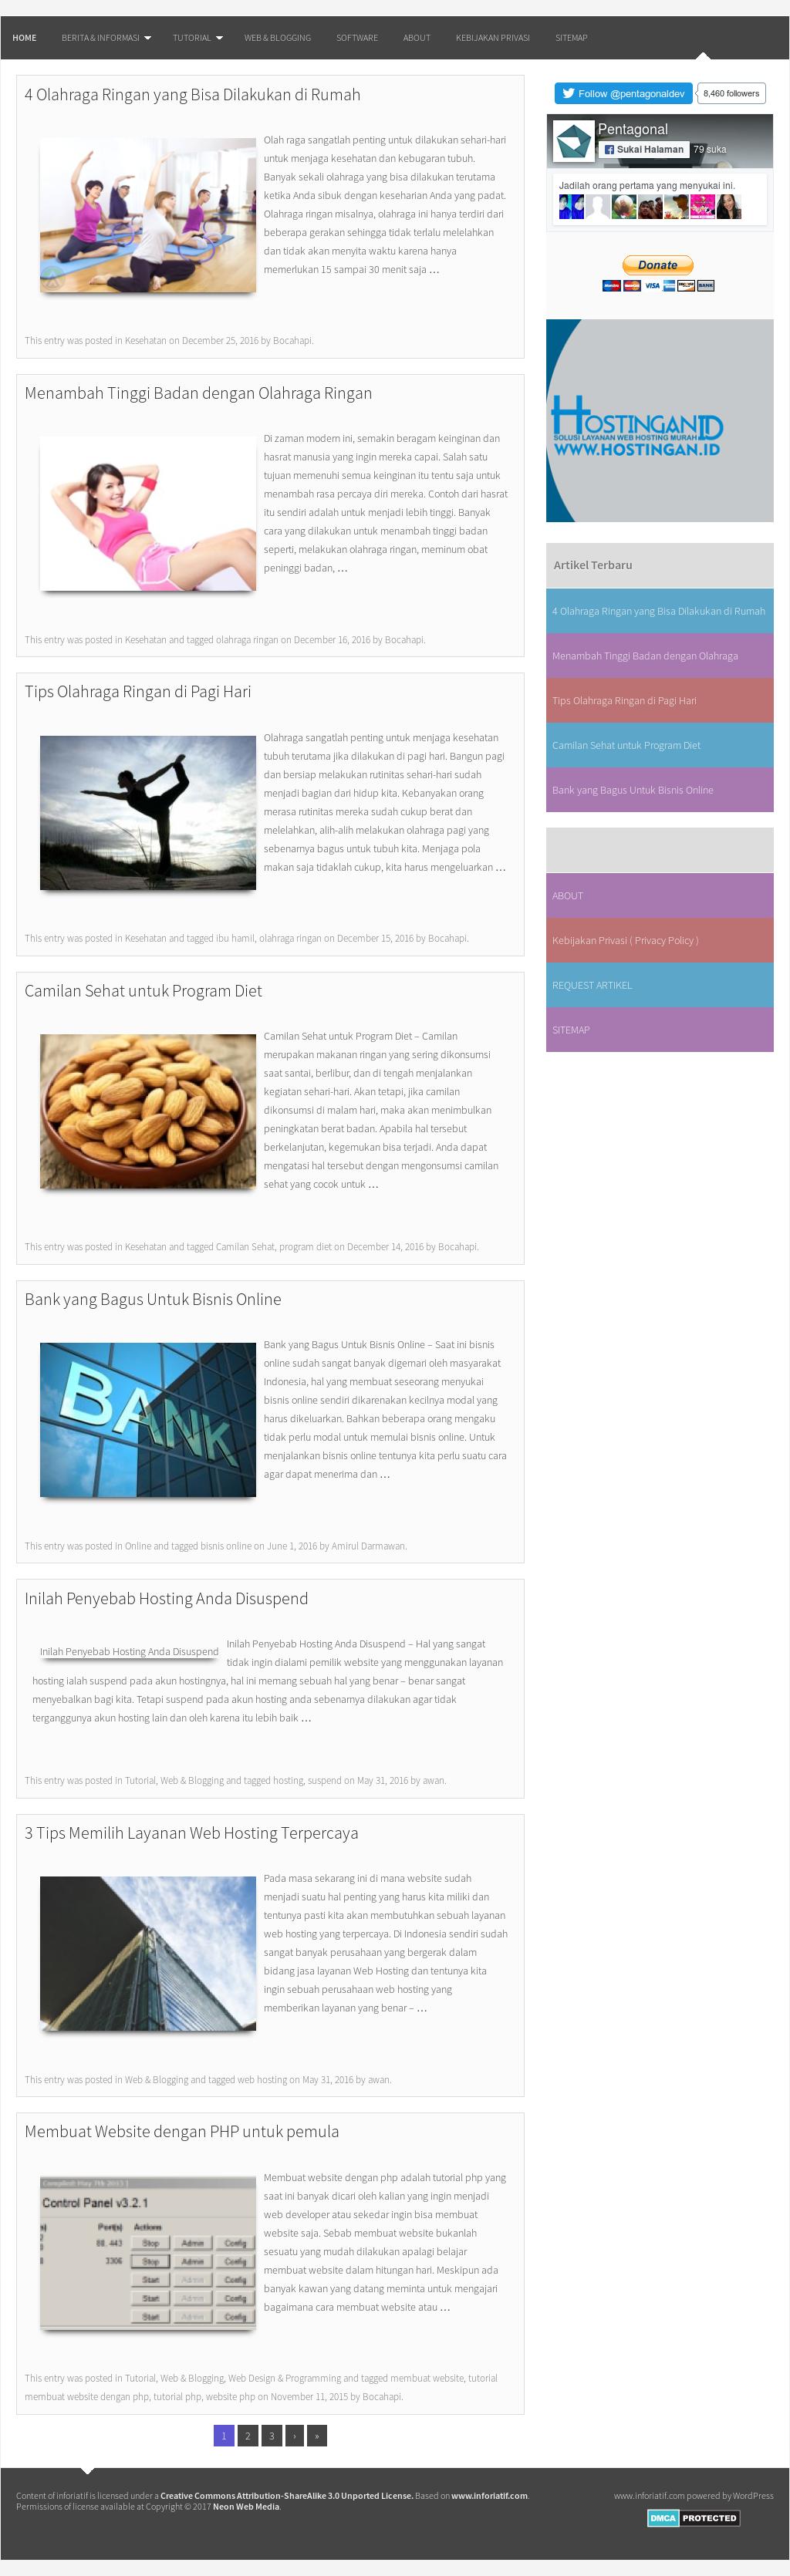 Bank Yang Cocok Untuk Bisnis Online - Tips Mencocokan